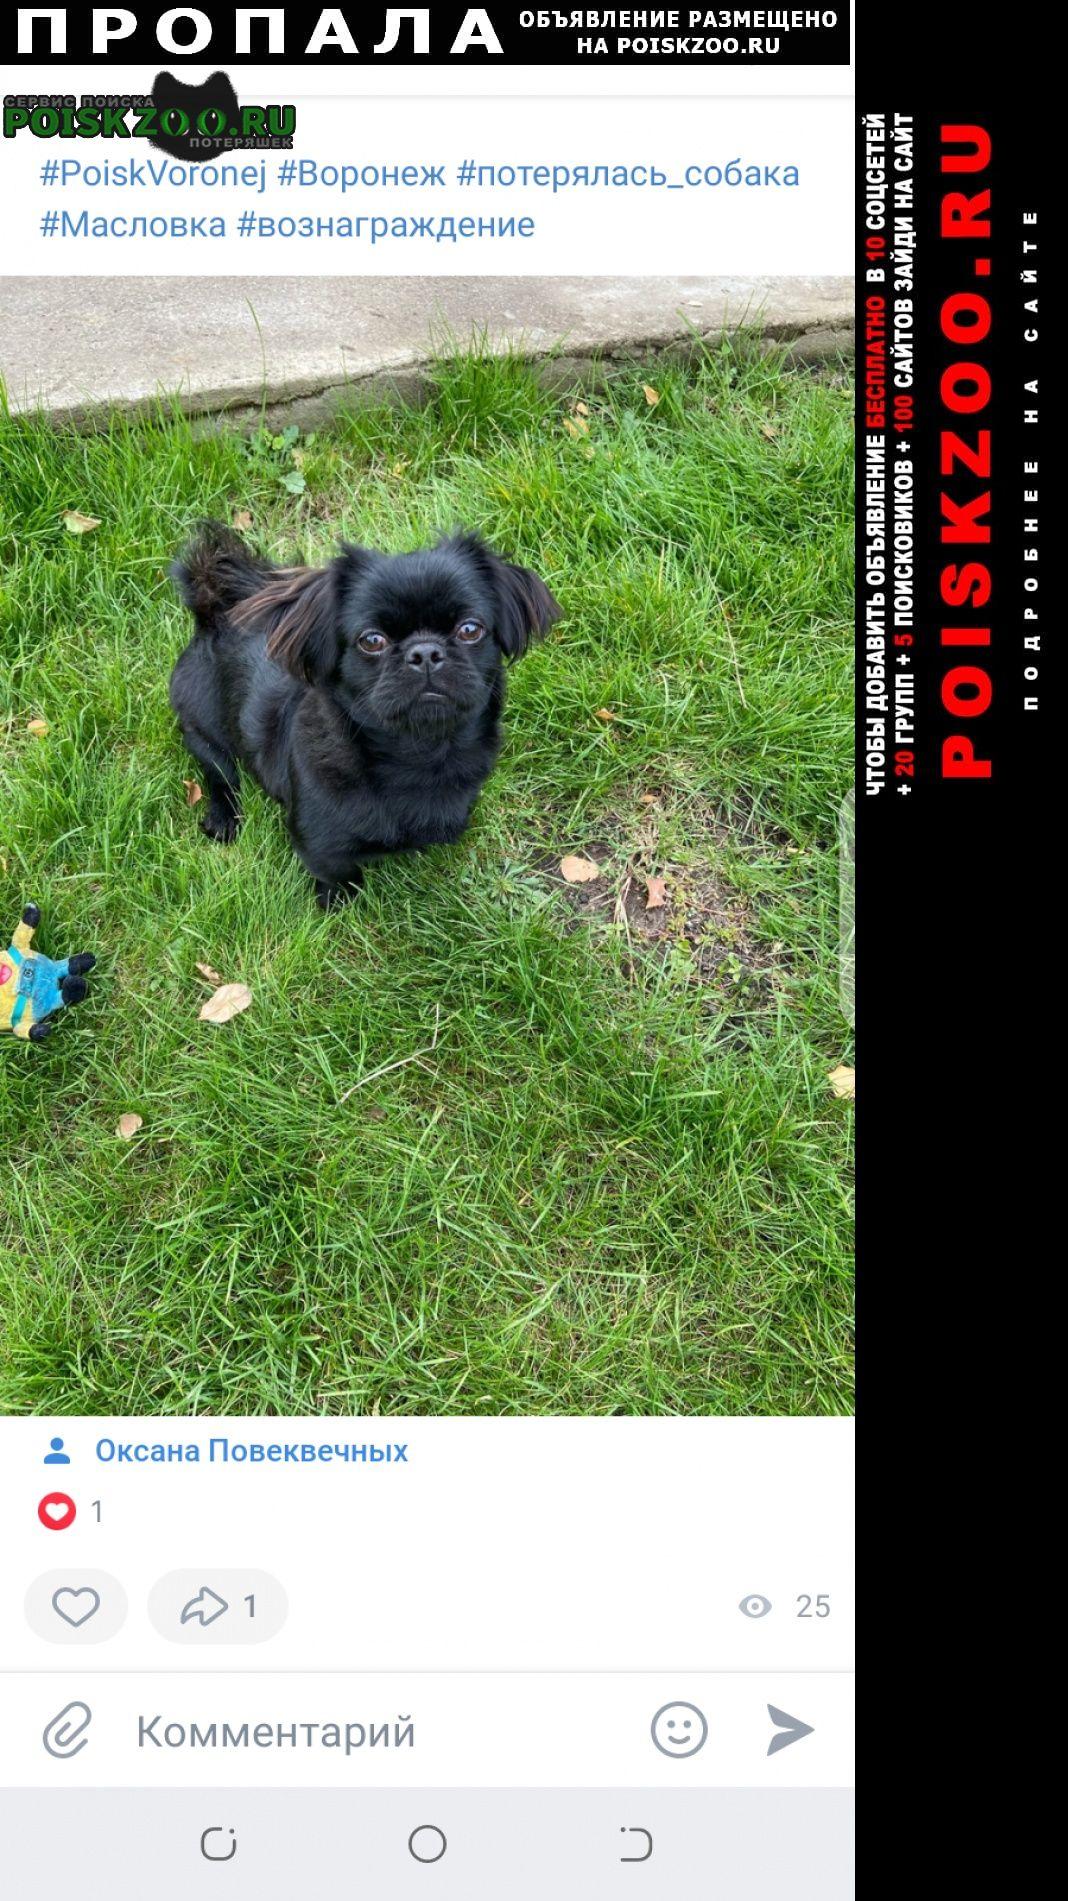 Пропала собака кобель пёс, в районе масловка в дачно Воронеж